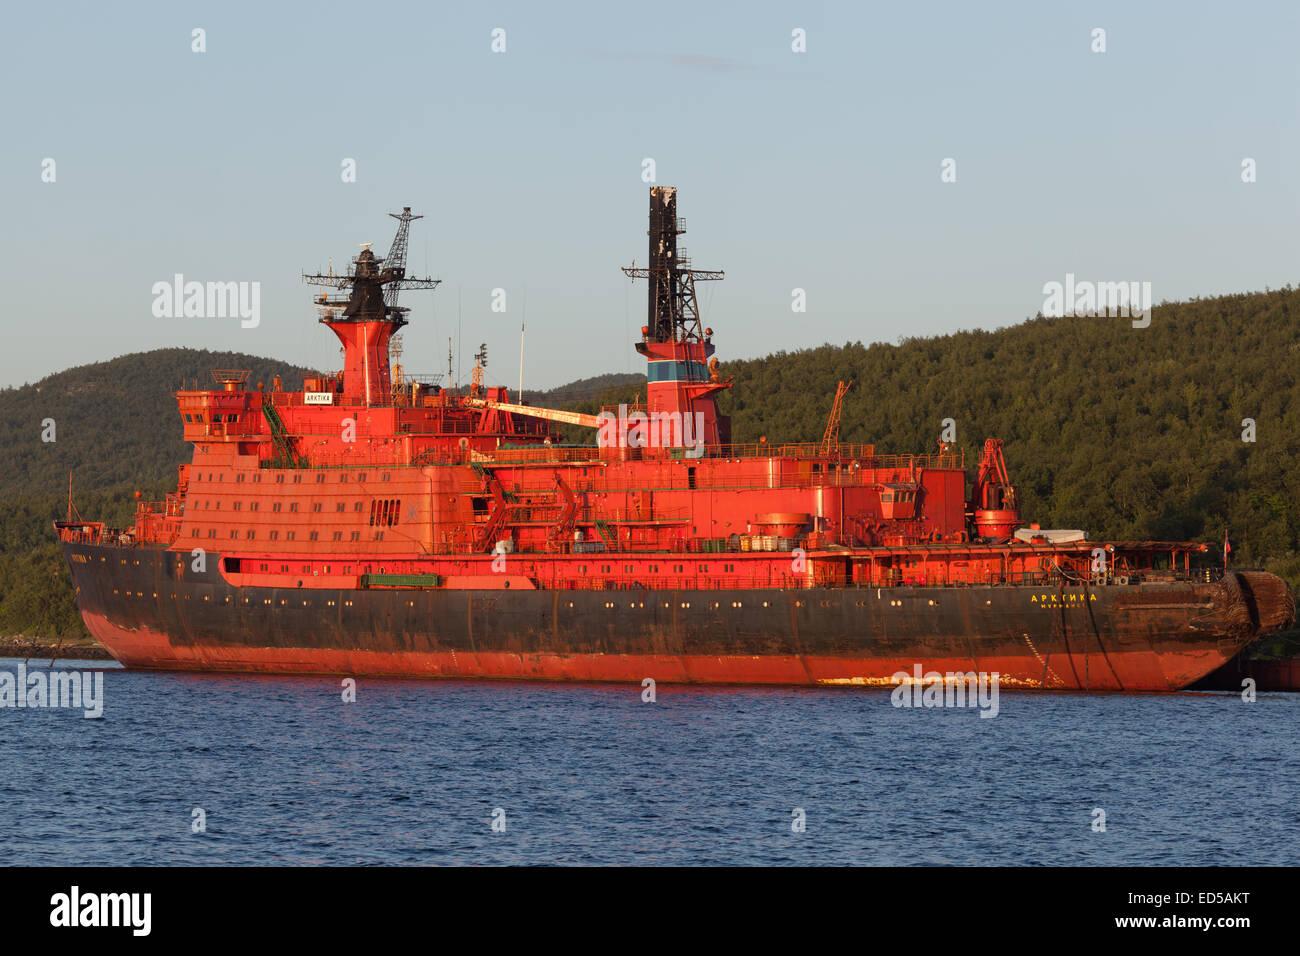 Nuclear-powered icebreaker 'Arktika' - Stock Image